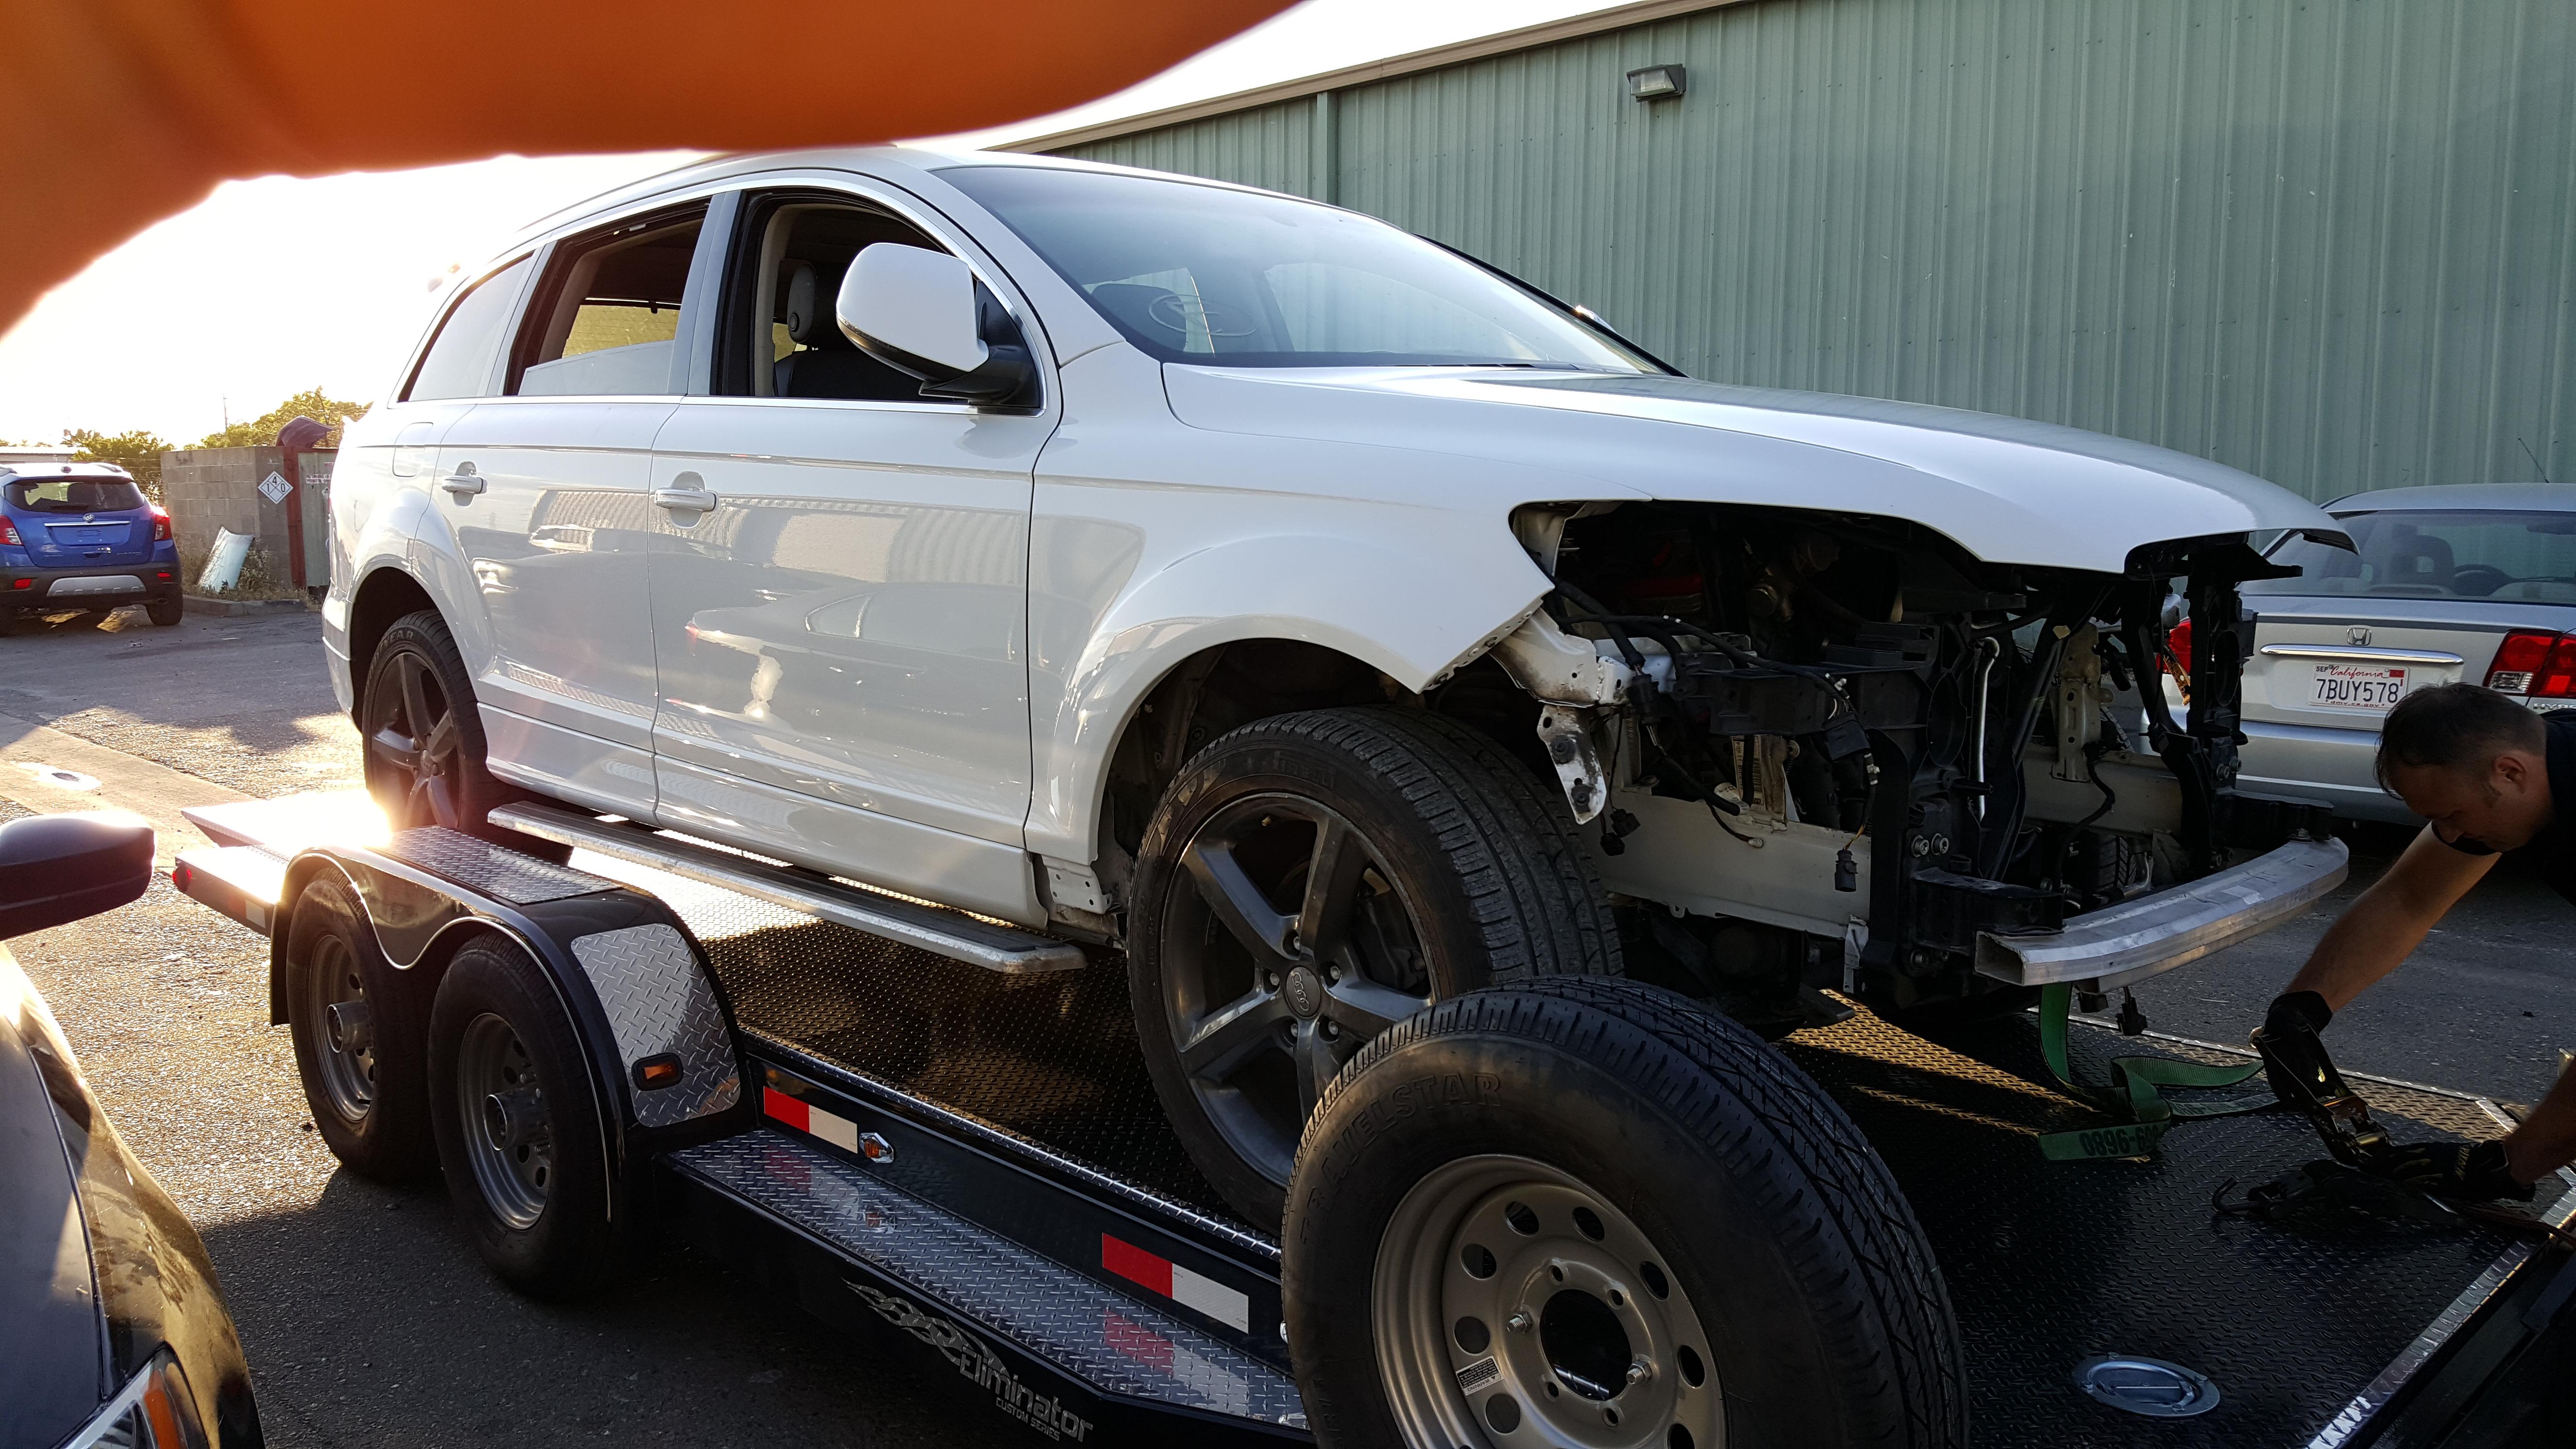 Kladovshik Auto Repair